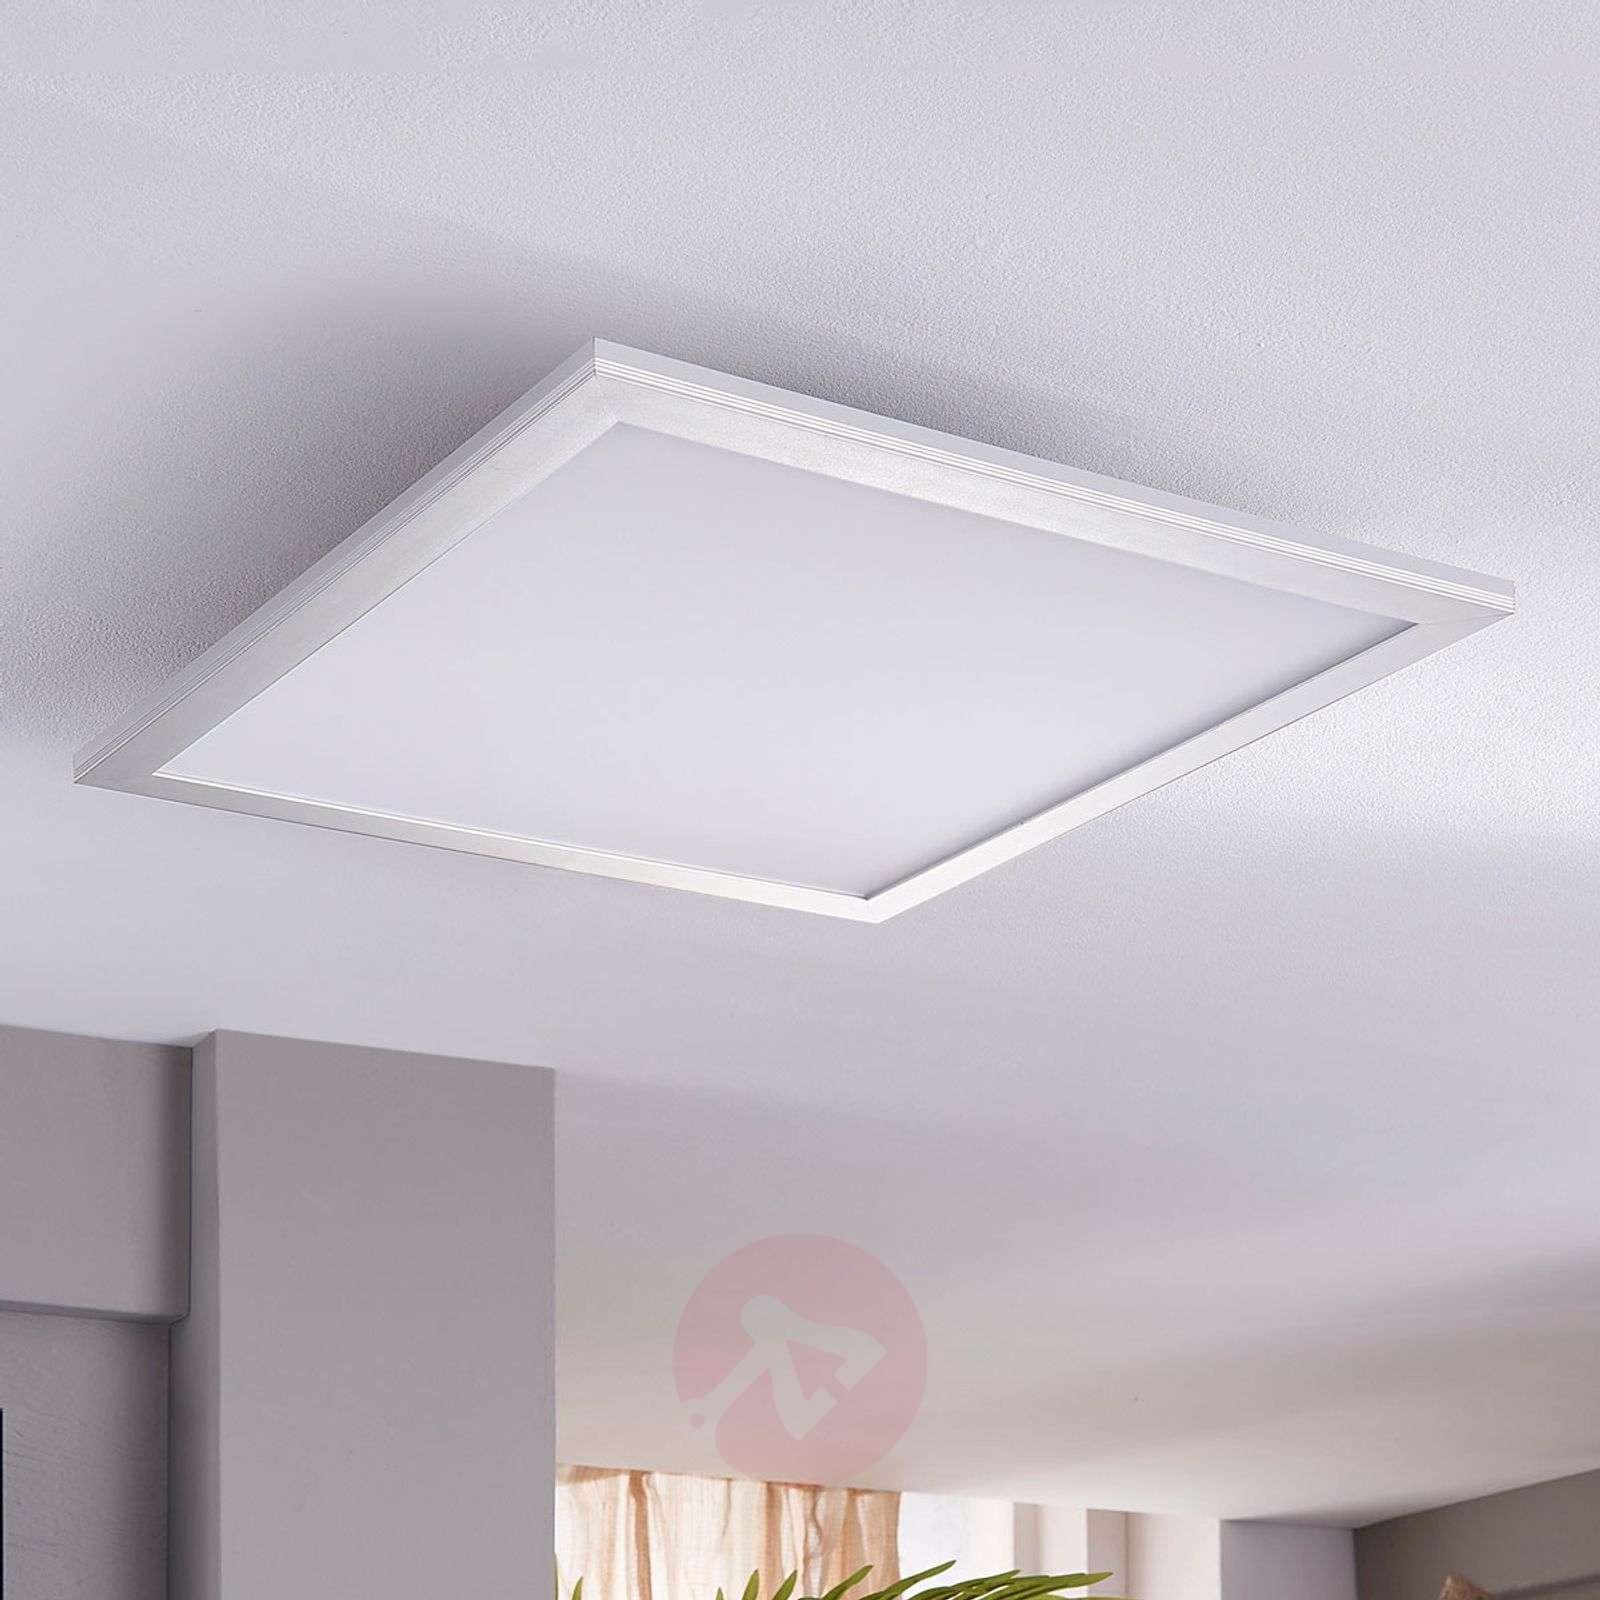 Neliskulmainen LED-kattovalaisin Livel, 28W-9956001-01